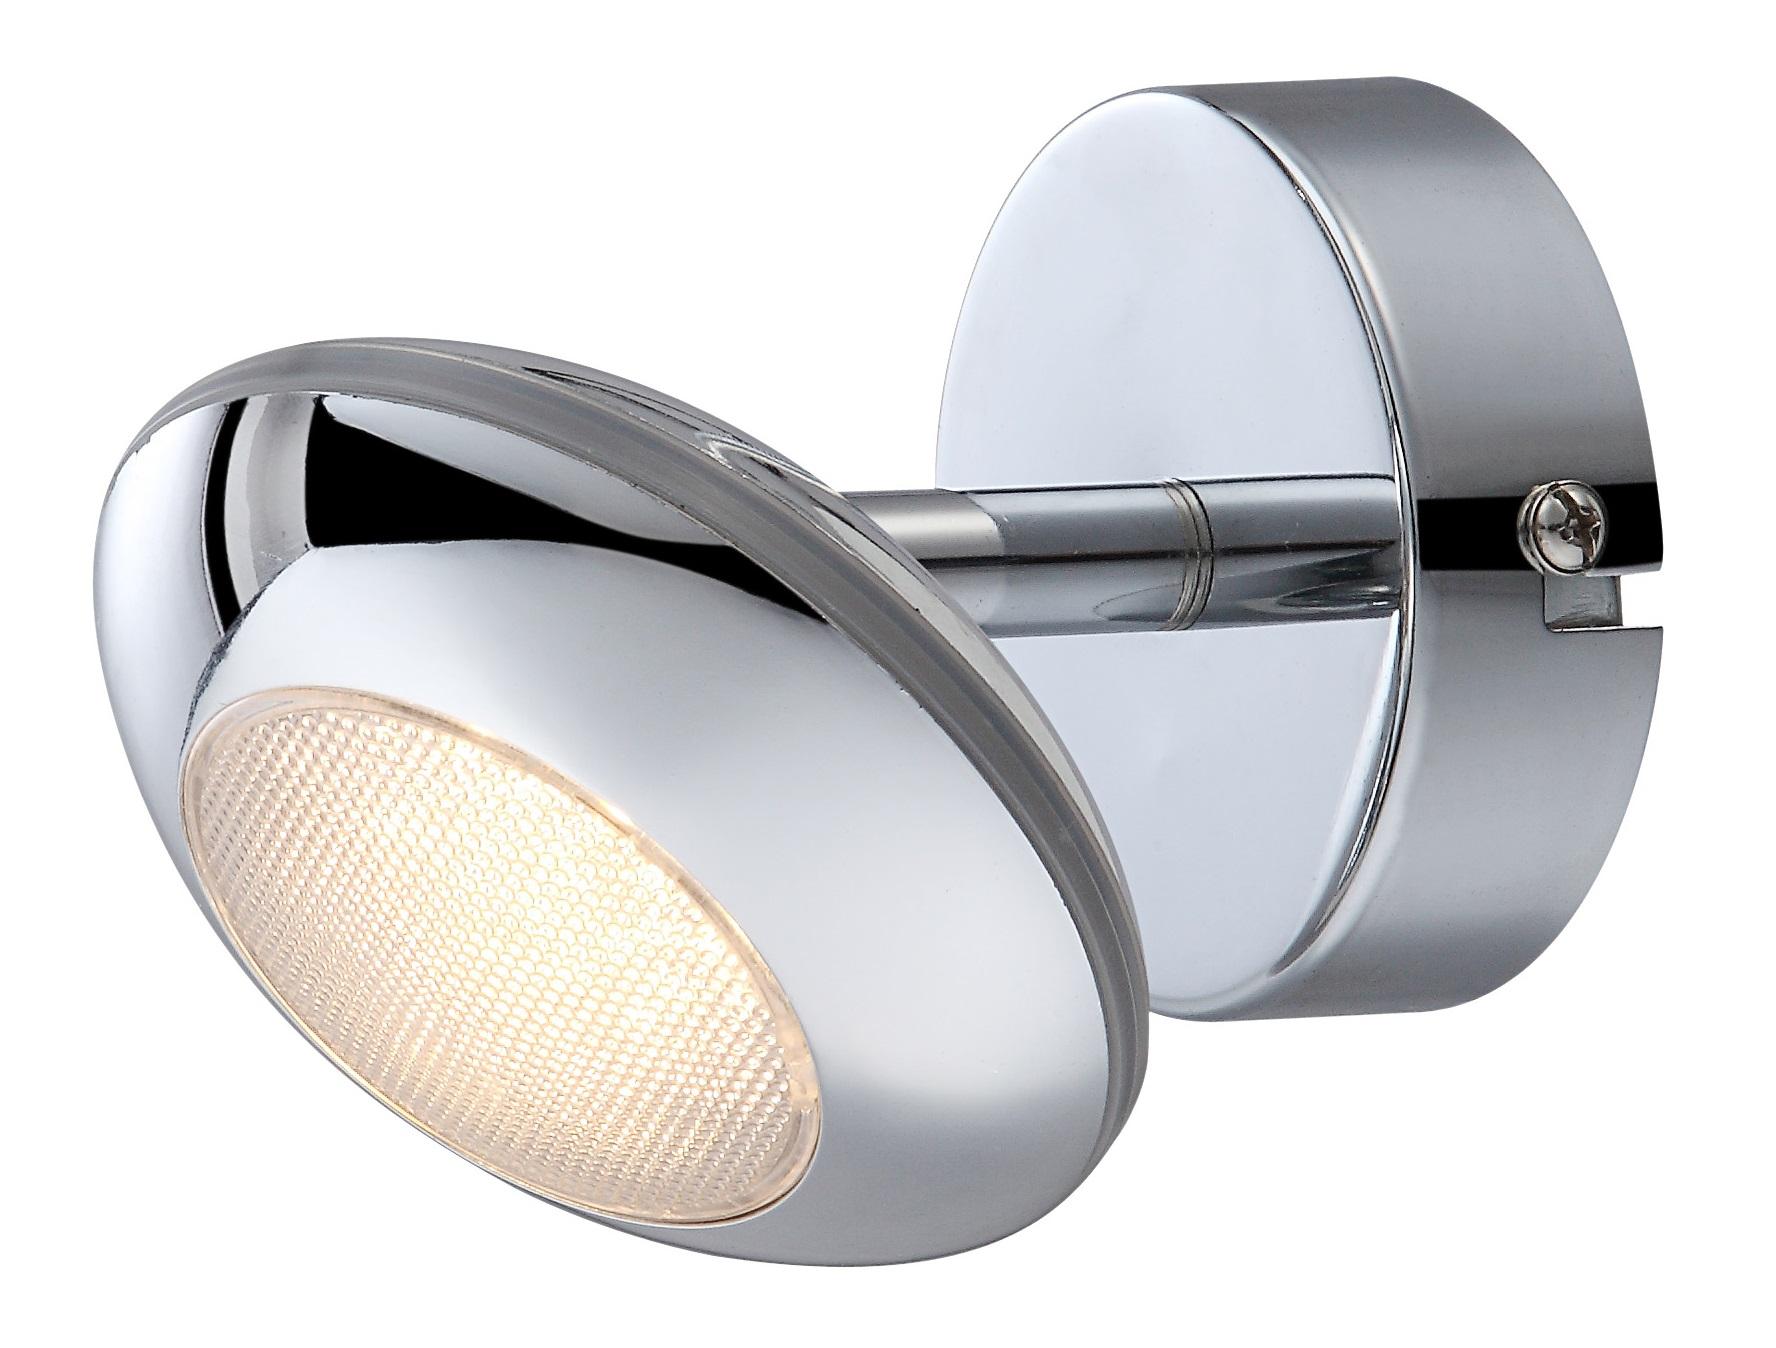 БраБра<br>Спот, арт. 56217-1, 1x5W, LED, хром Вид цоколя: LED Количество ламп: 1 Наличие ламп: в комплекте&amp;lt;div&amp;gt;&amp;lt;div&amp;gt;Вид цоколя: LED&amp;lt;/div&amp;gt;&amp;lt;div&amp;gt;Мощность: &amp;amp;nbsp;5W&amp;amp;nbsp;&amp;lt;/div&amp;gt;&amp;lt;div&amp;gt;Количество ламп: 1 (в комплекте)&amp;lt;/div&amp;gt;&amp;lt;/div&amp;gt;<br><br>Material: Металл<br>Глубина см: 11